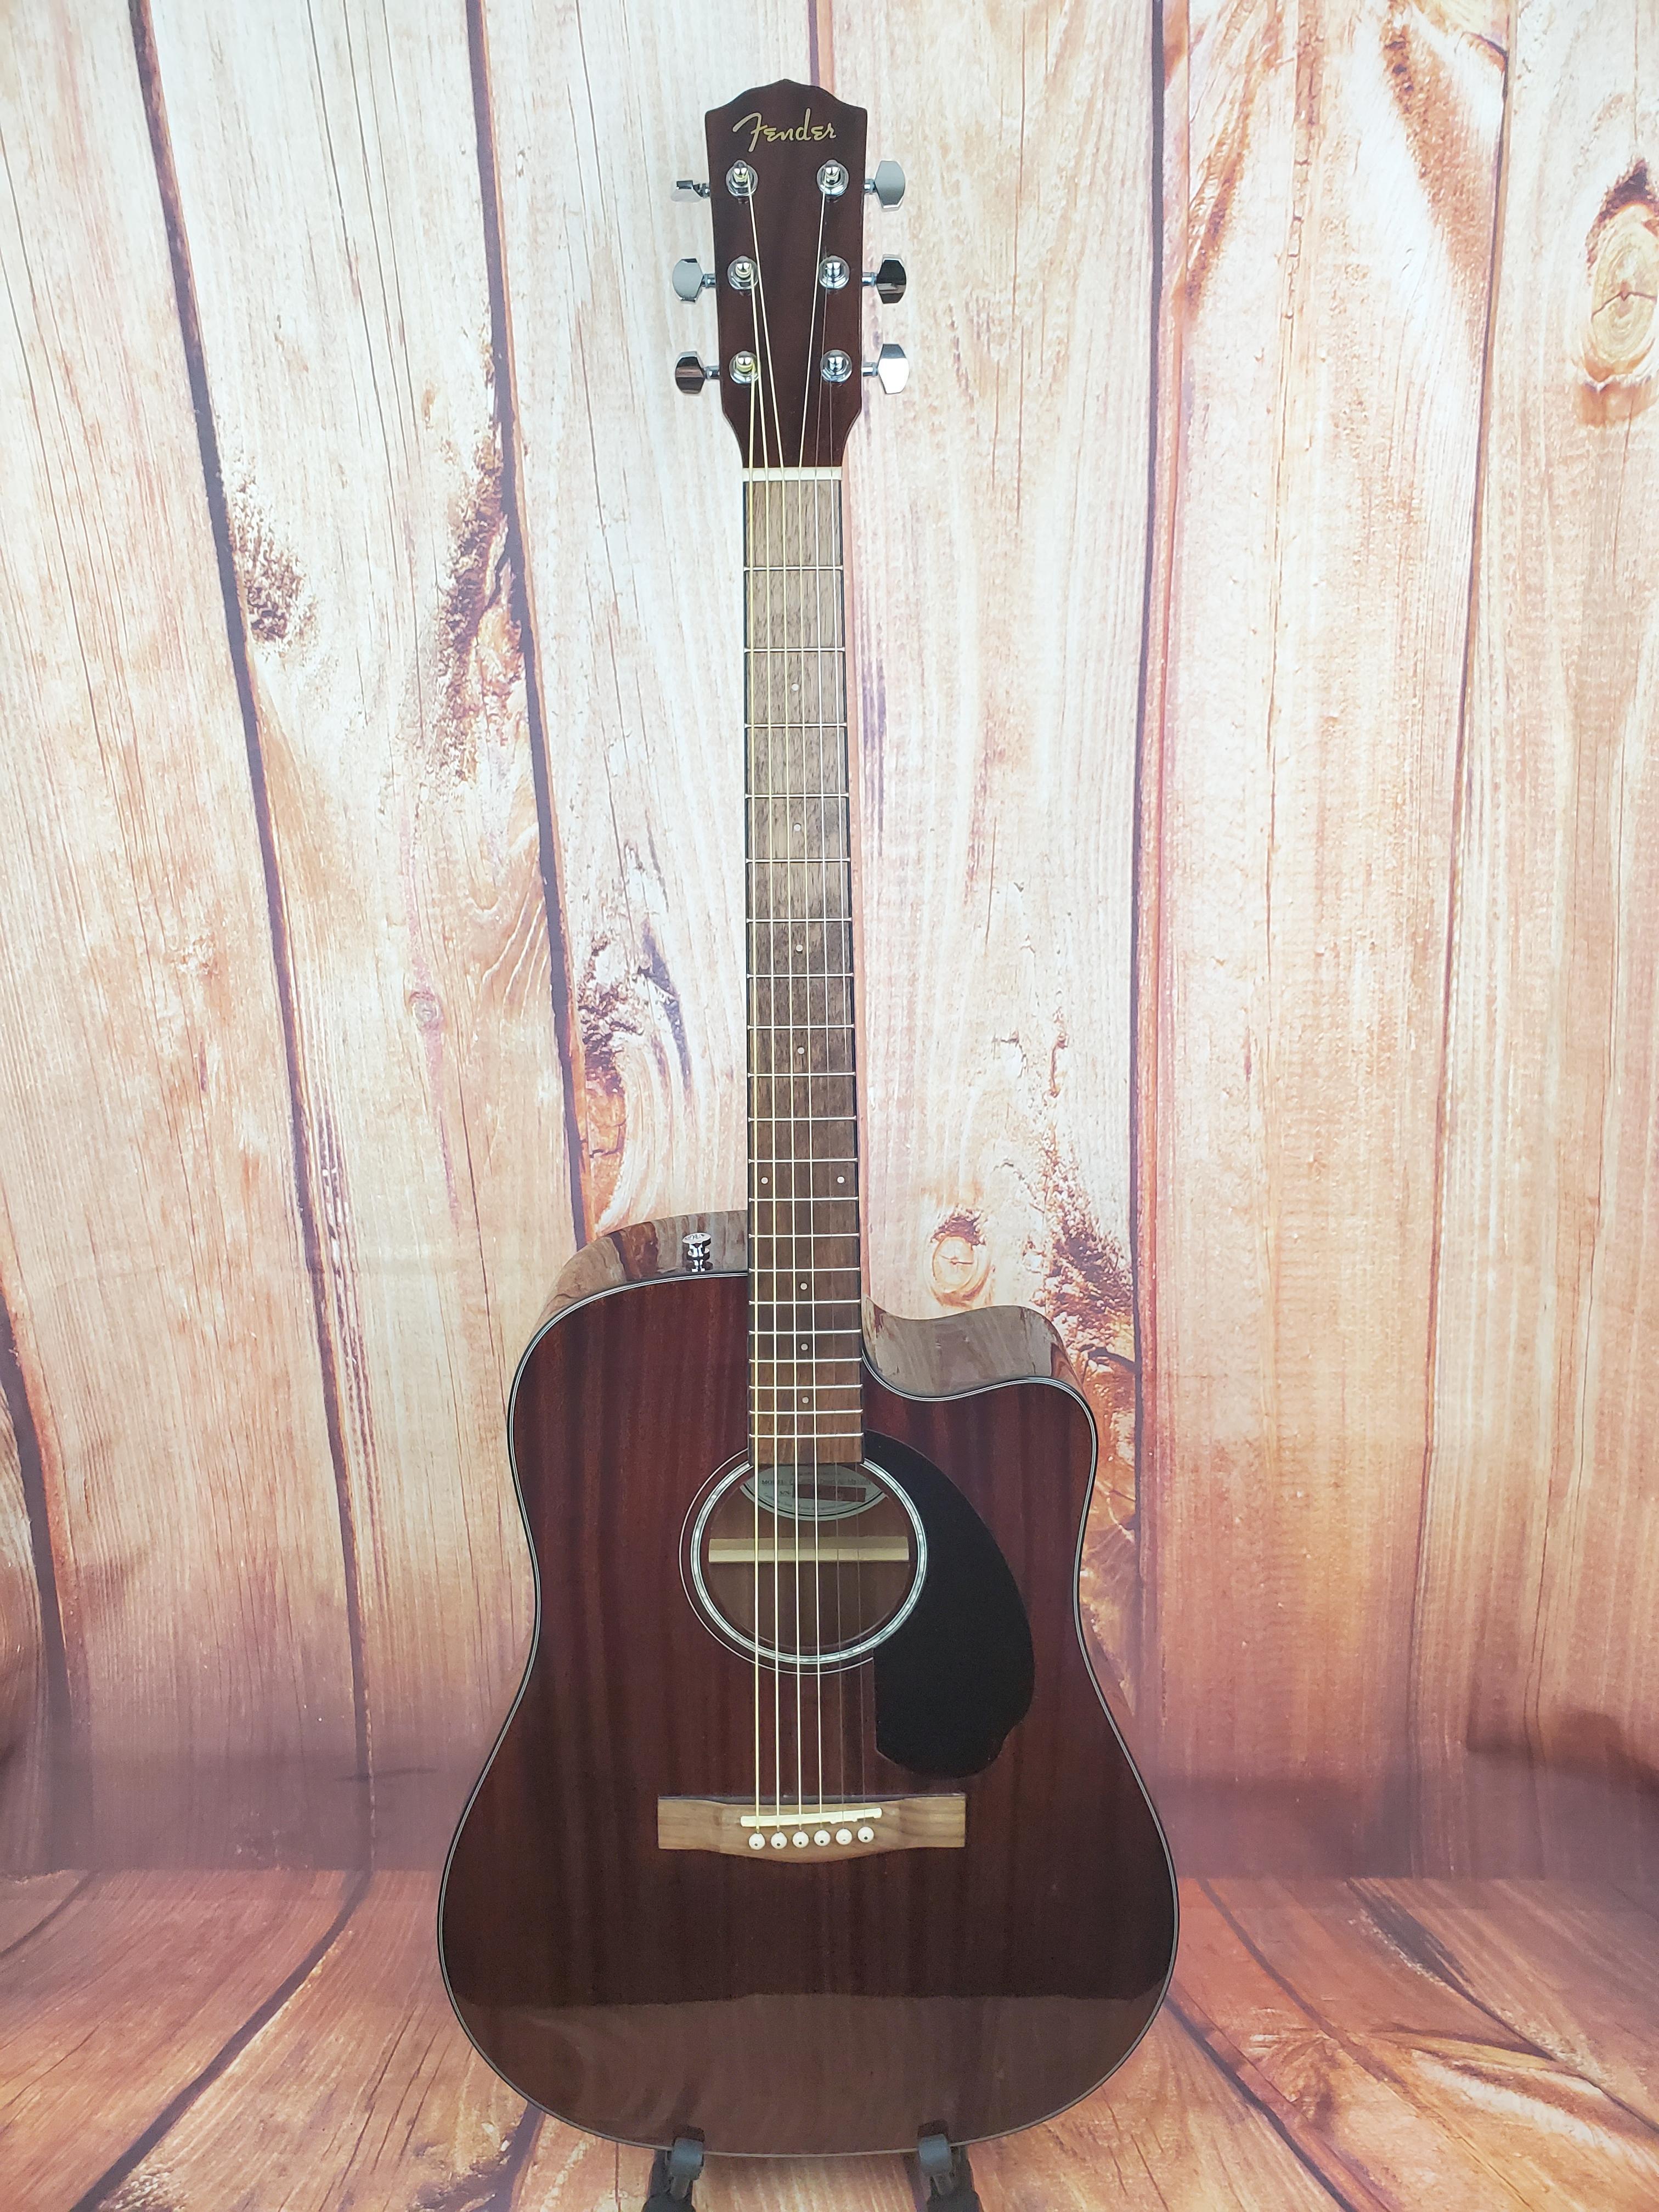 Used- Fender CD-60SCE Mahogany